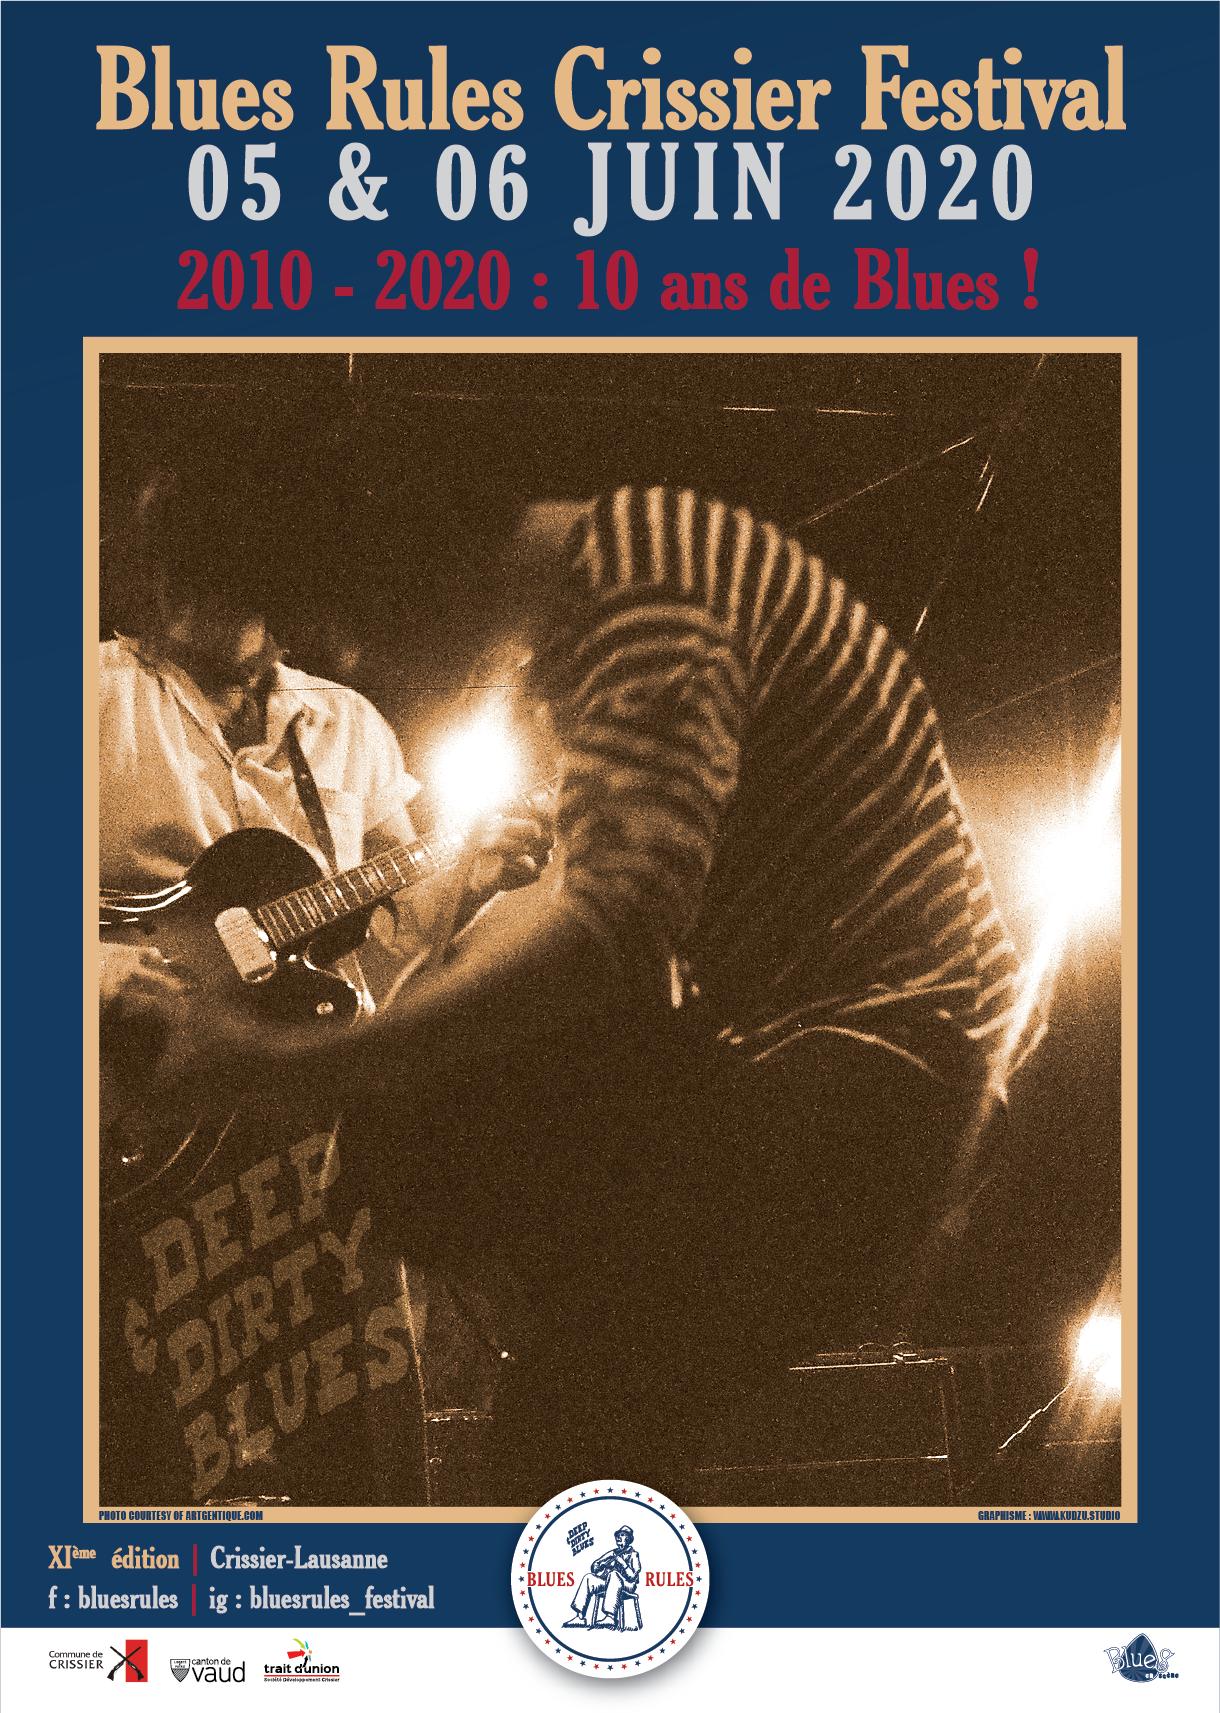 affiche du Blues Rules Crissier Festival 2020